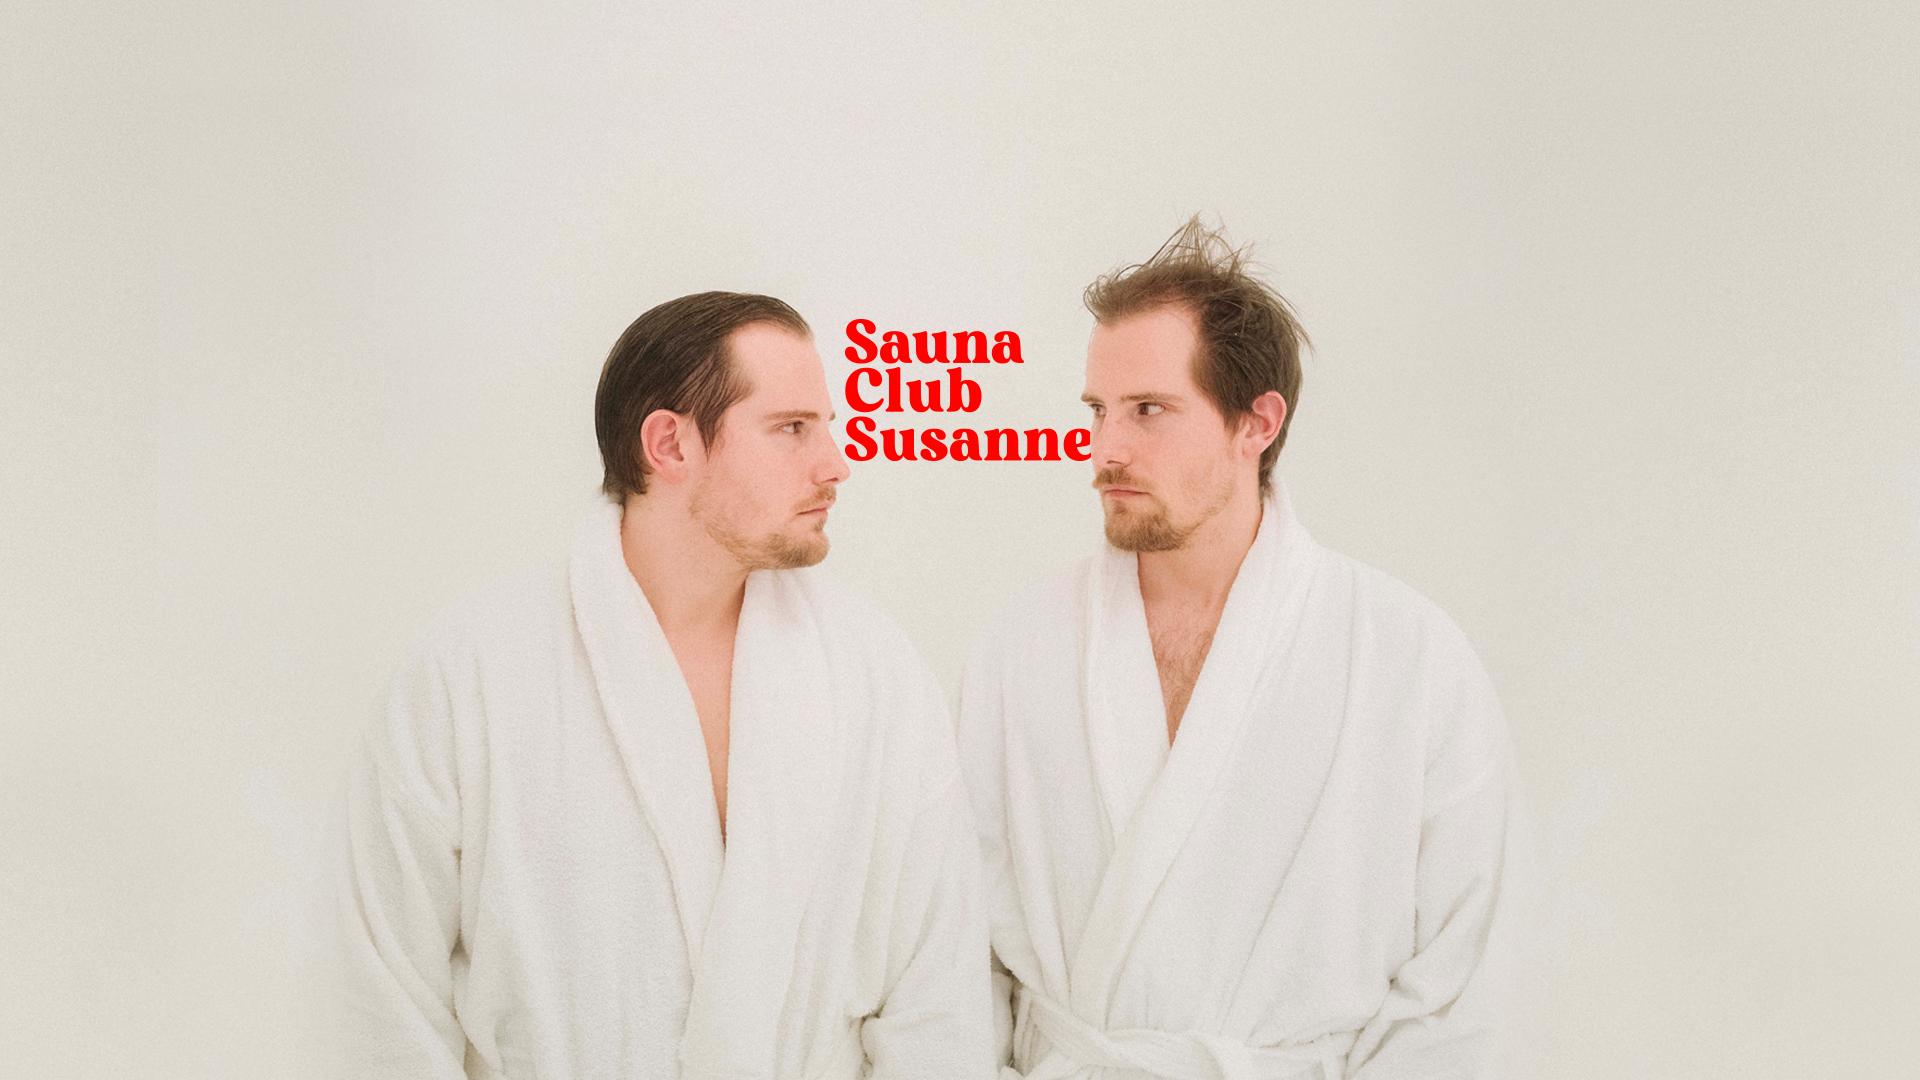 Saunaclub Susanne: World Wide Wohnzimmer goes Podcast